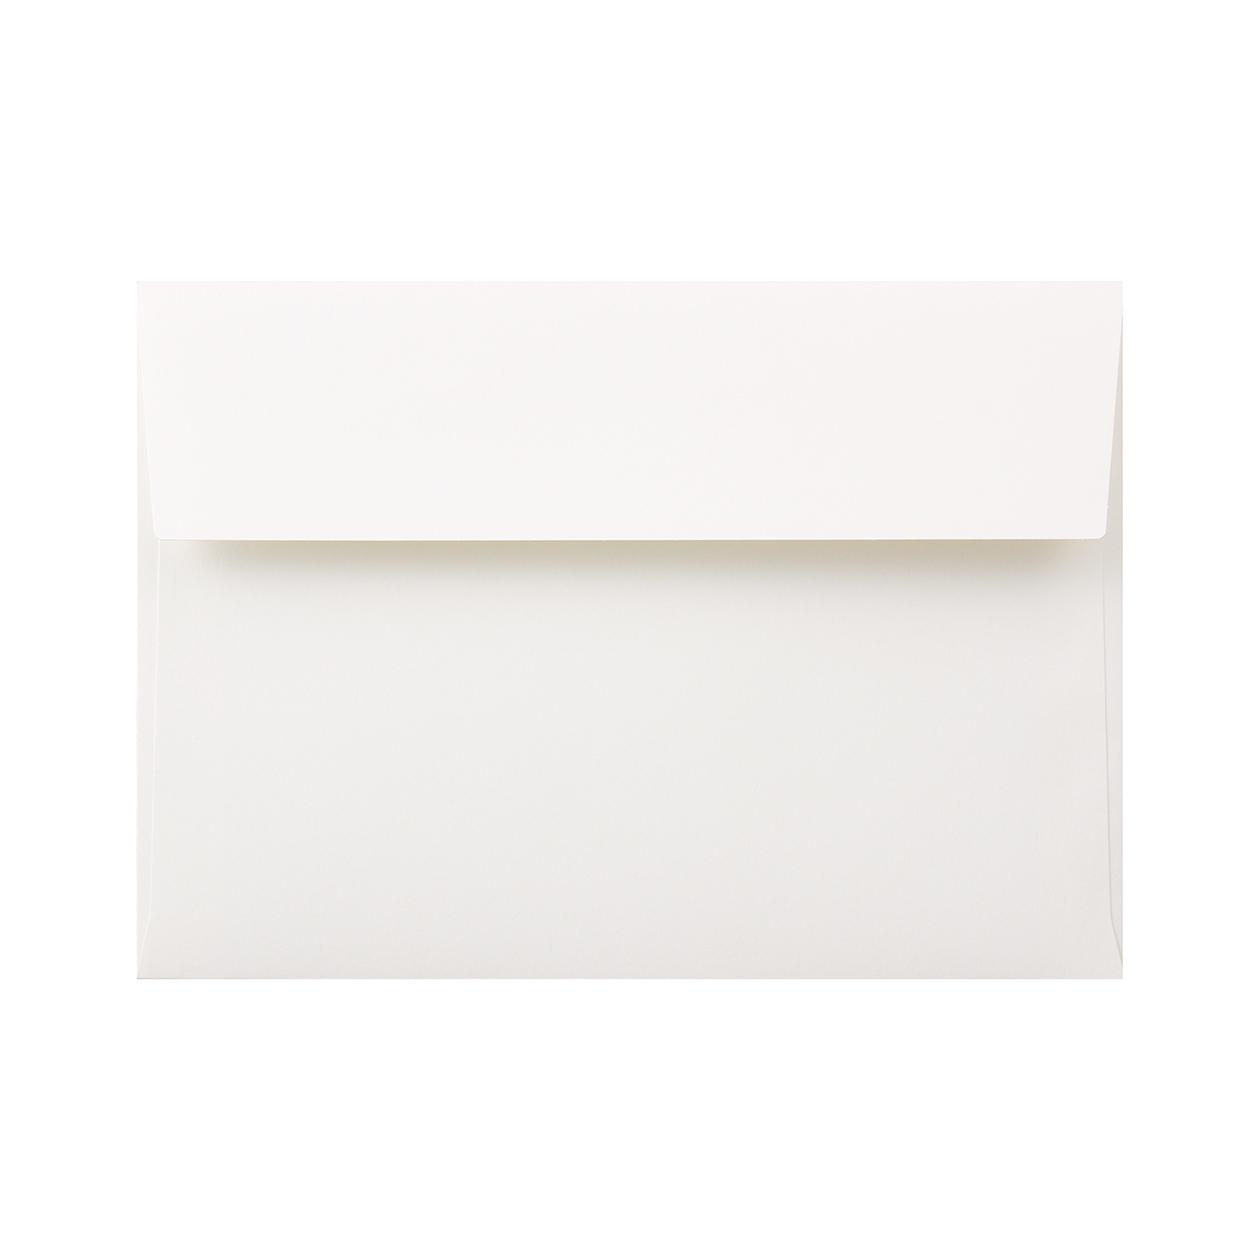 角6カマス封筒 コットン スノーホワイト 139.5g